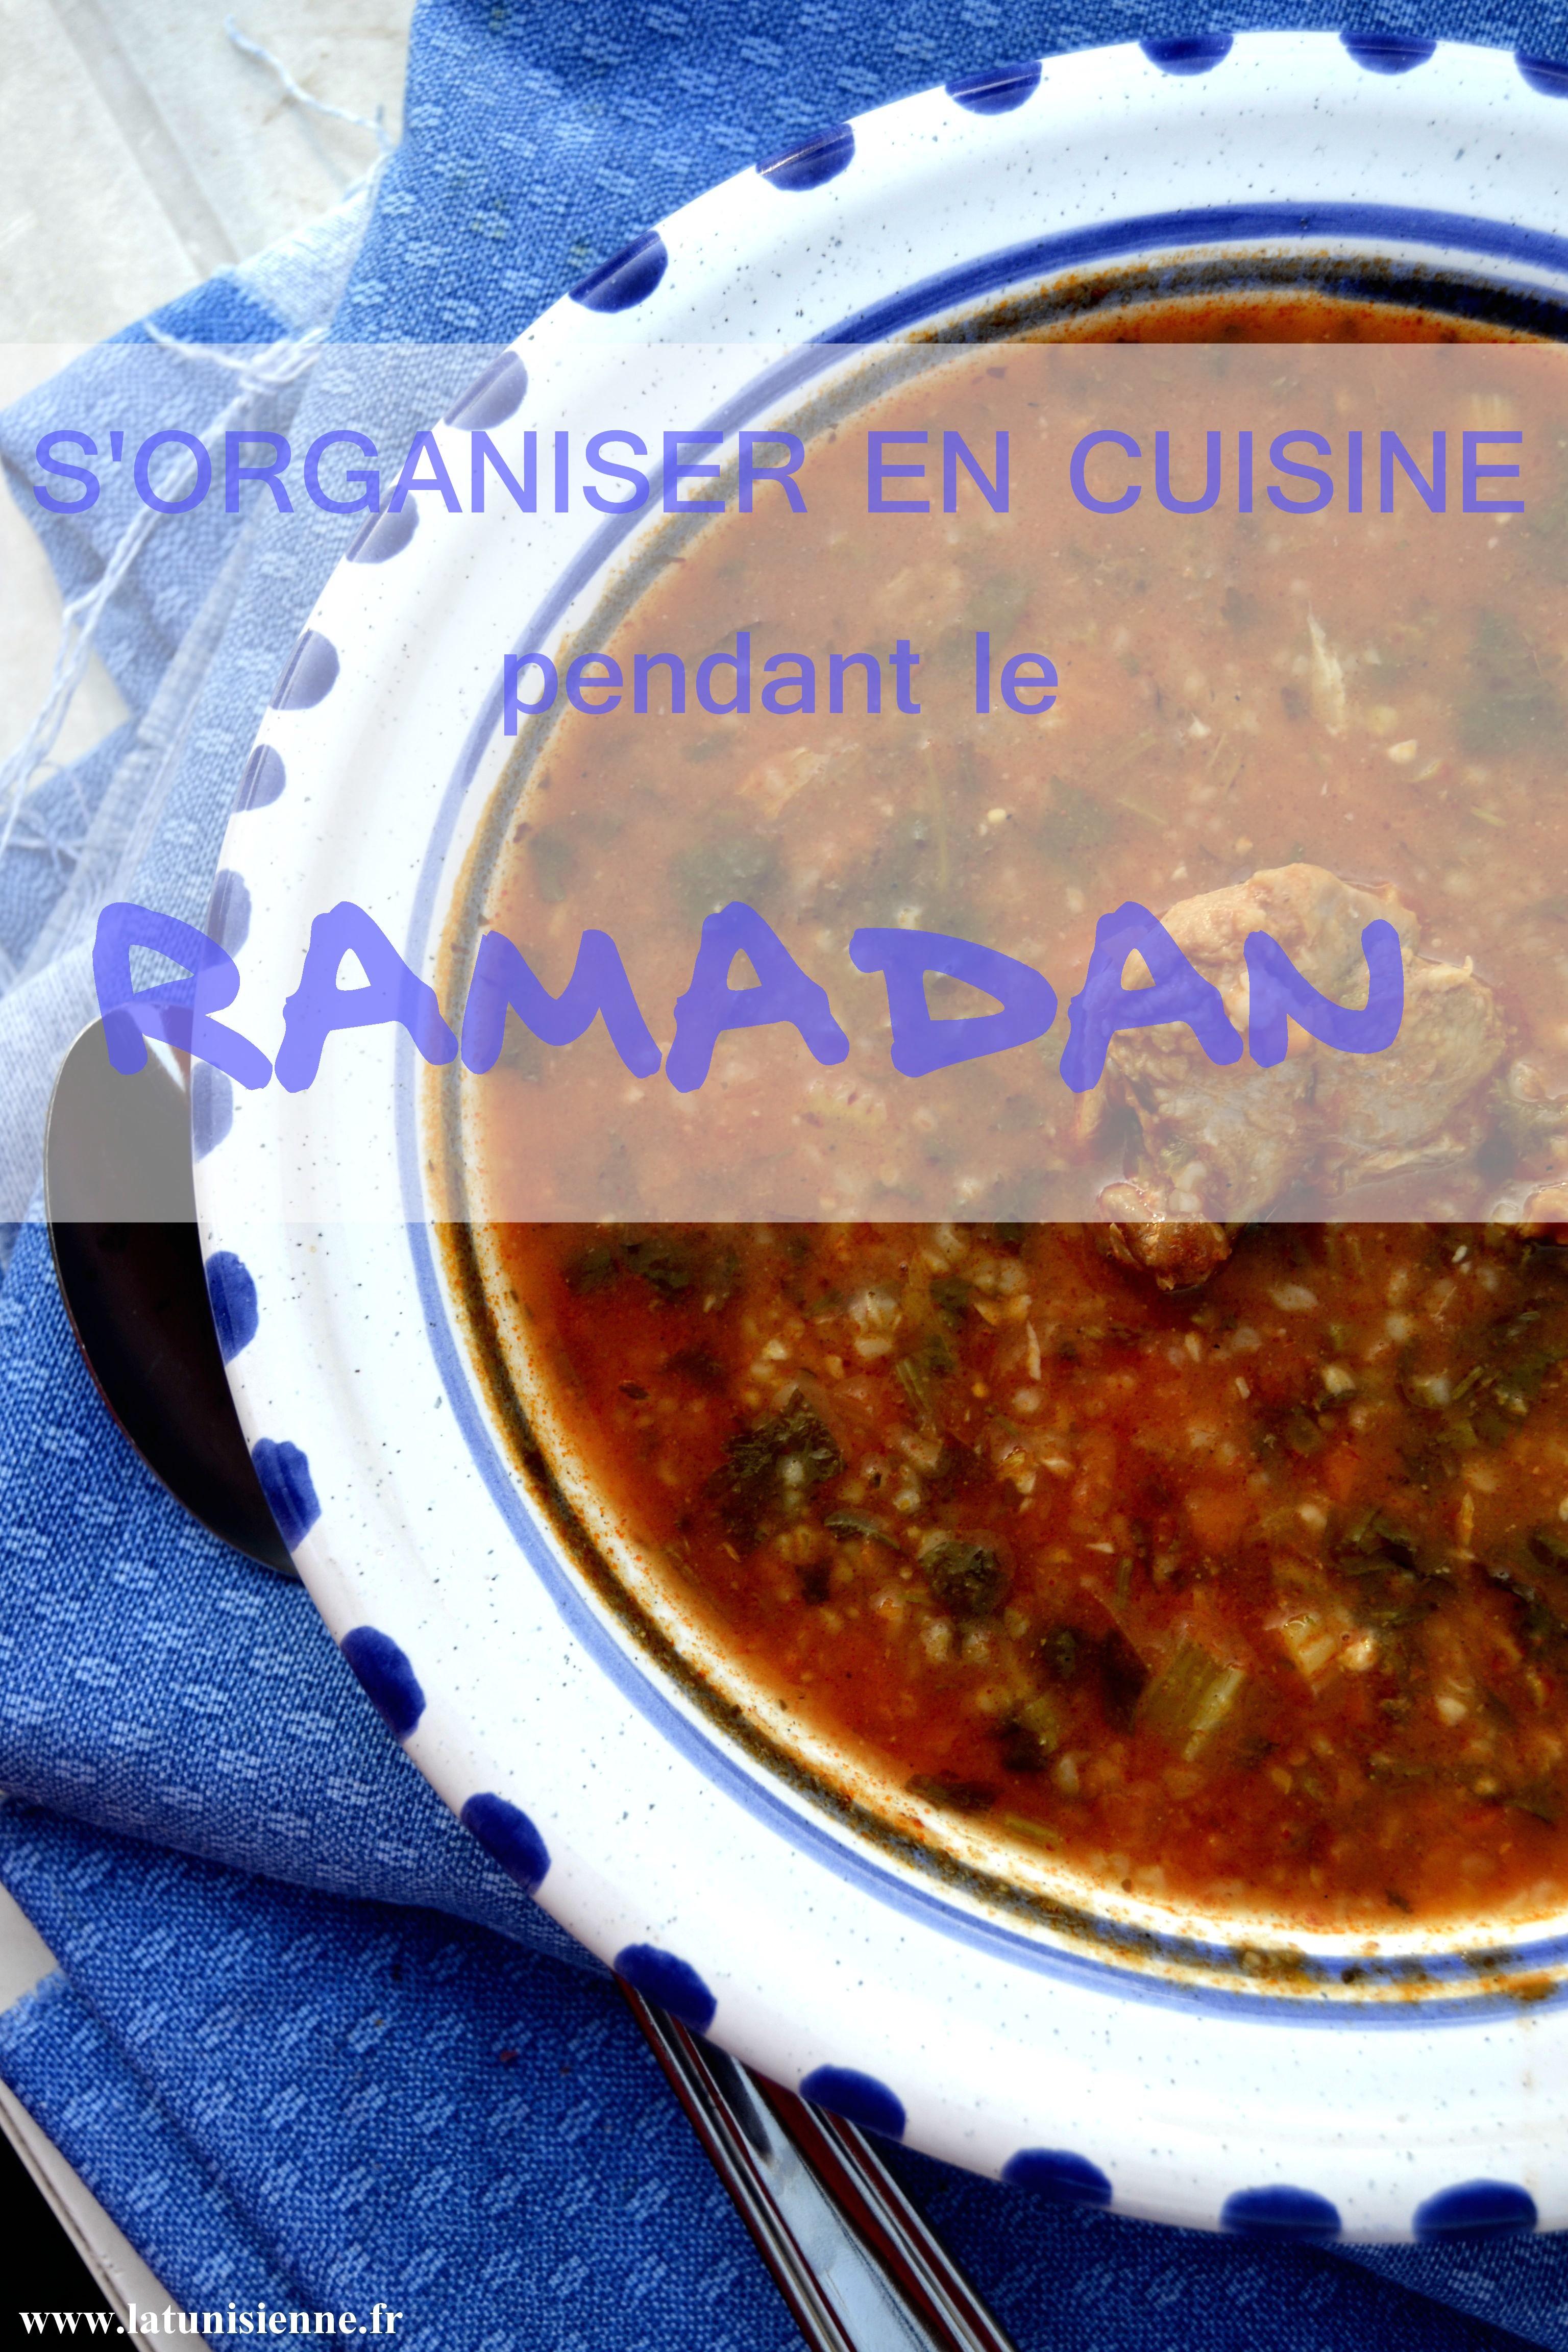 Conseils pour s organiser en cuisine pendant le mois de - Recette de cuisine tunisienne pour le ramadan ...